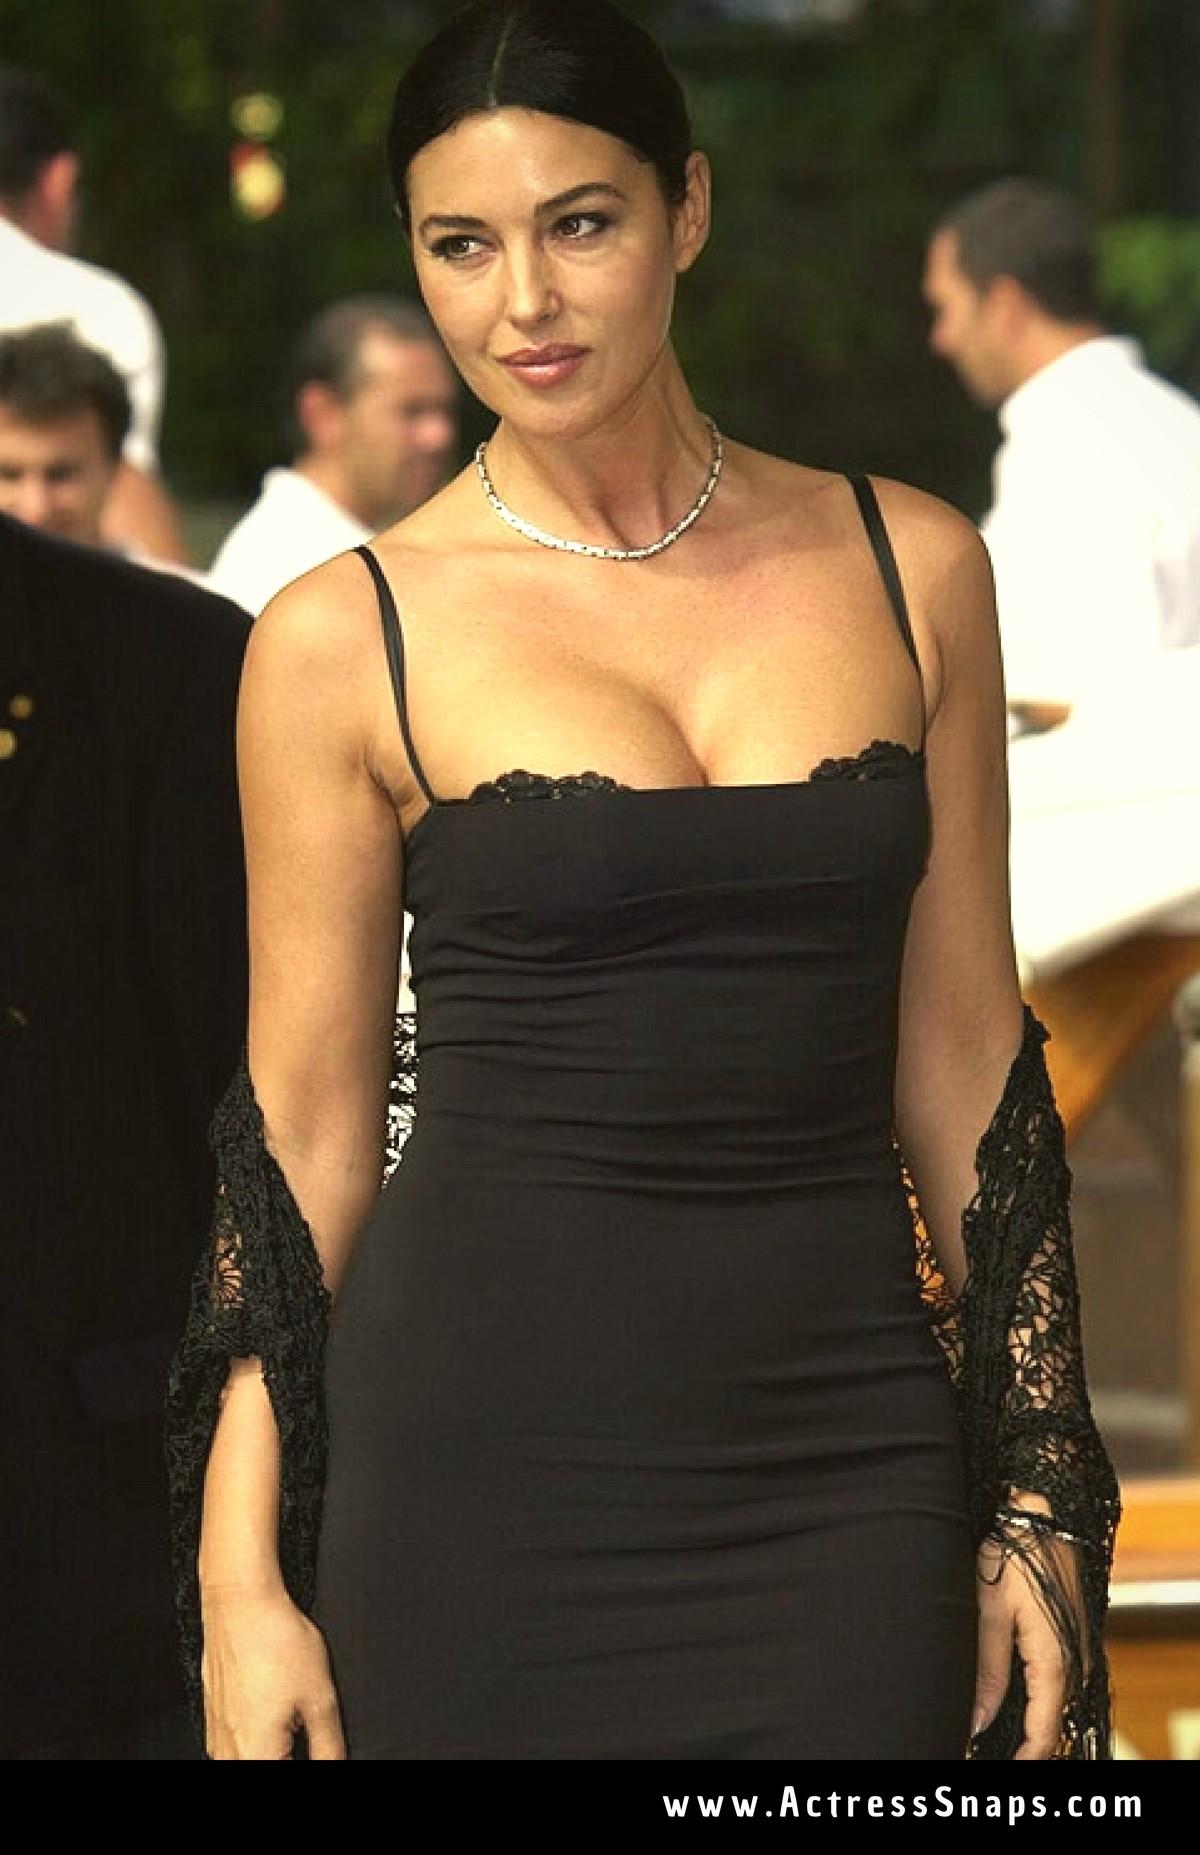 Sexy Monica Bellucci from venice Film Festival - Sexy Actress Pictures | Hot Actress Pictures - ActressSnaps.com